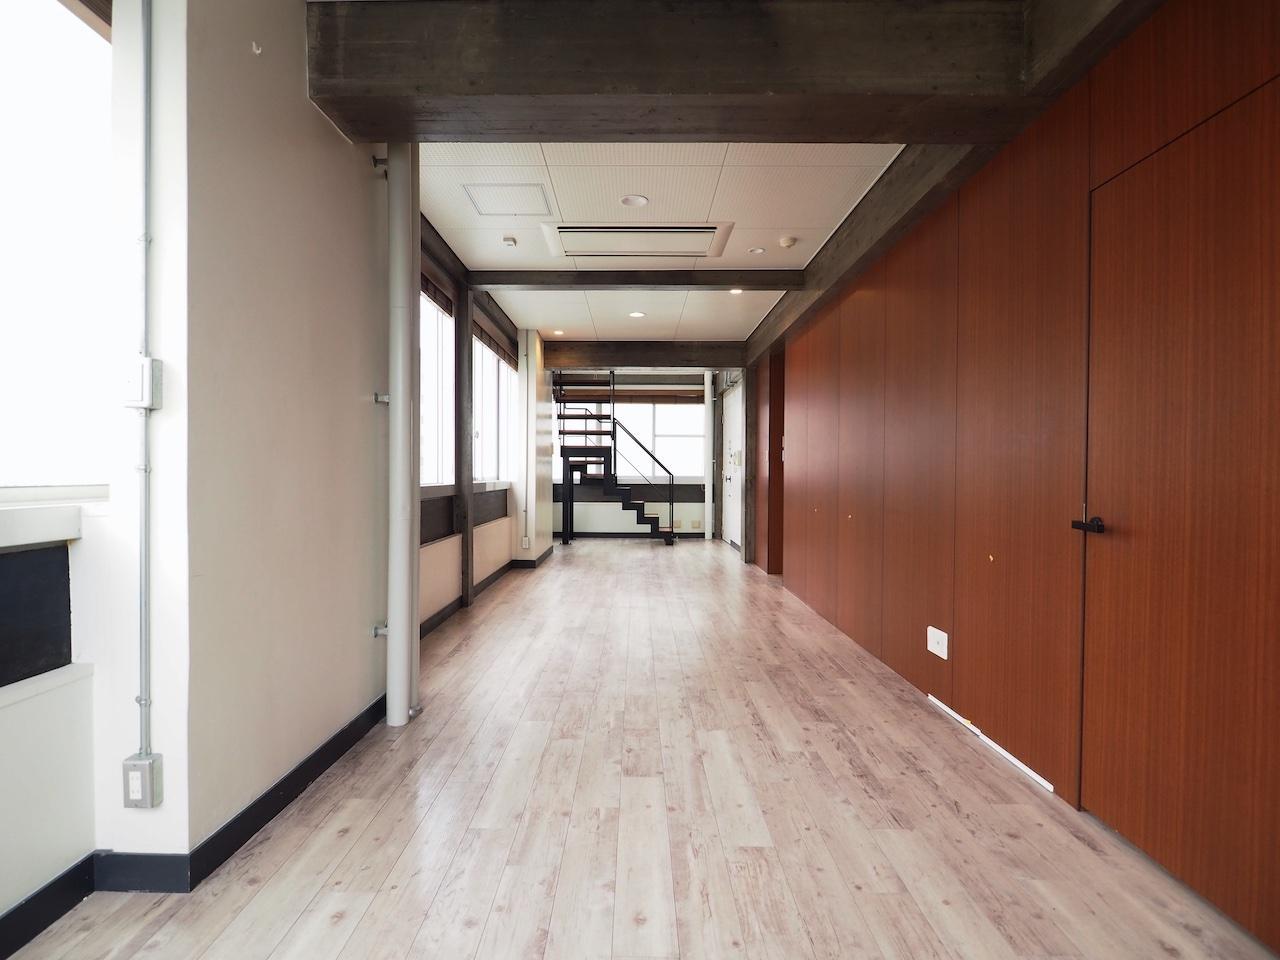 古門戸デザインスタジオ (福岡市博多区古門戸町の物件) - 福岡R不動産